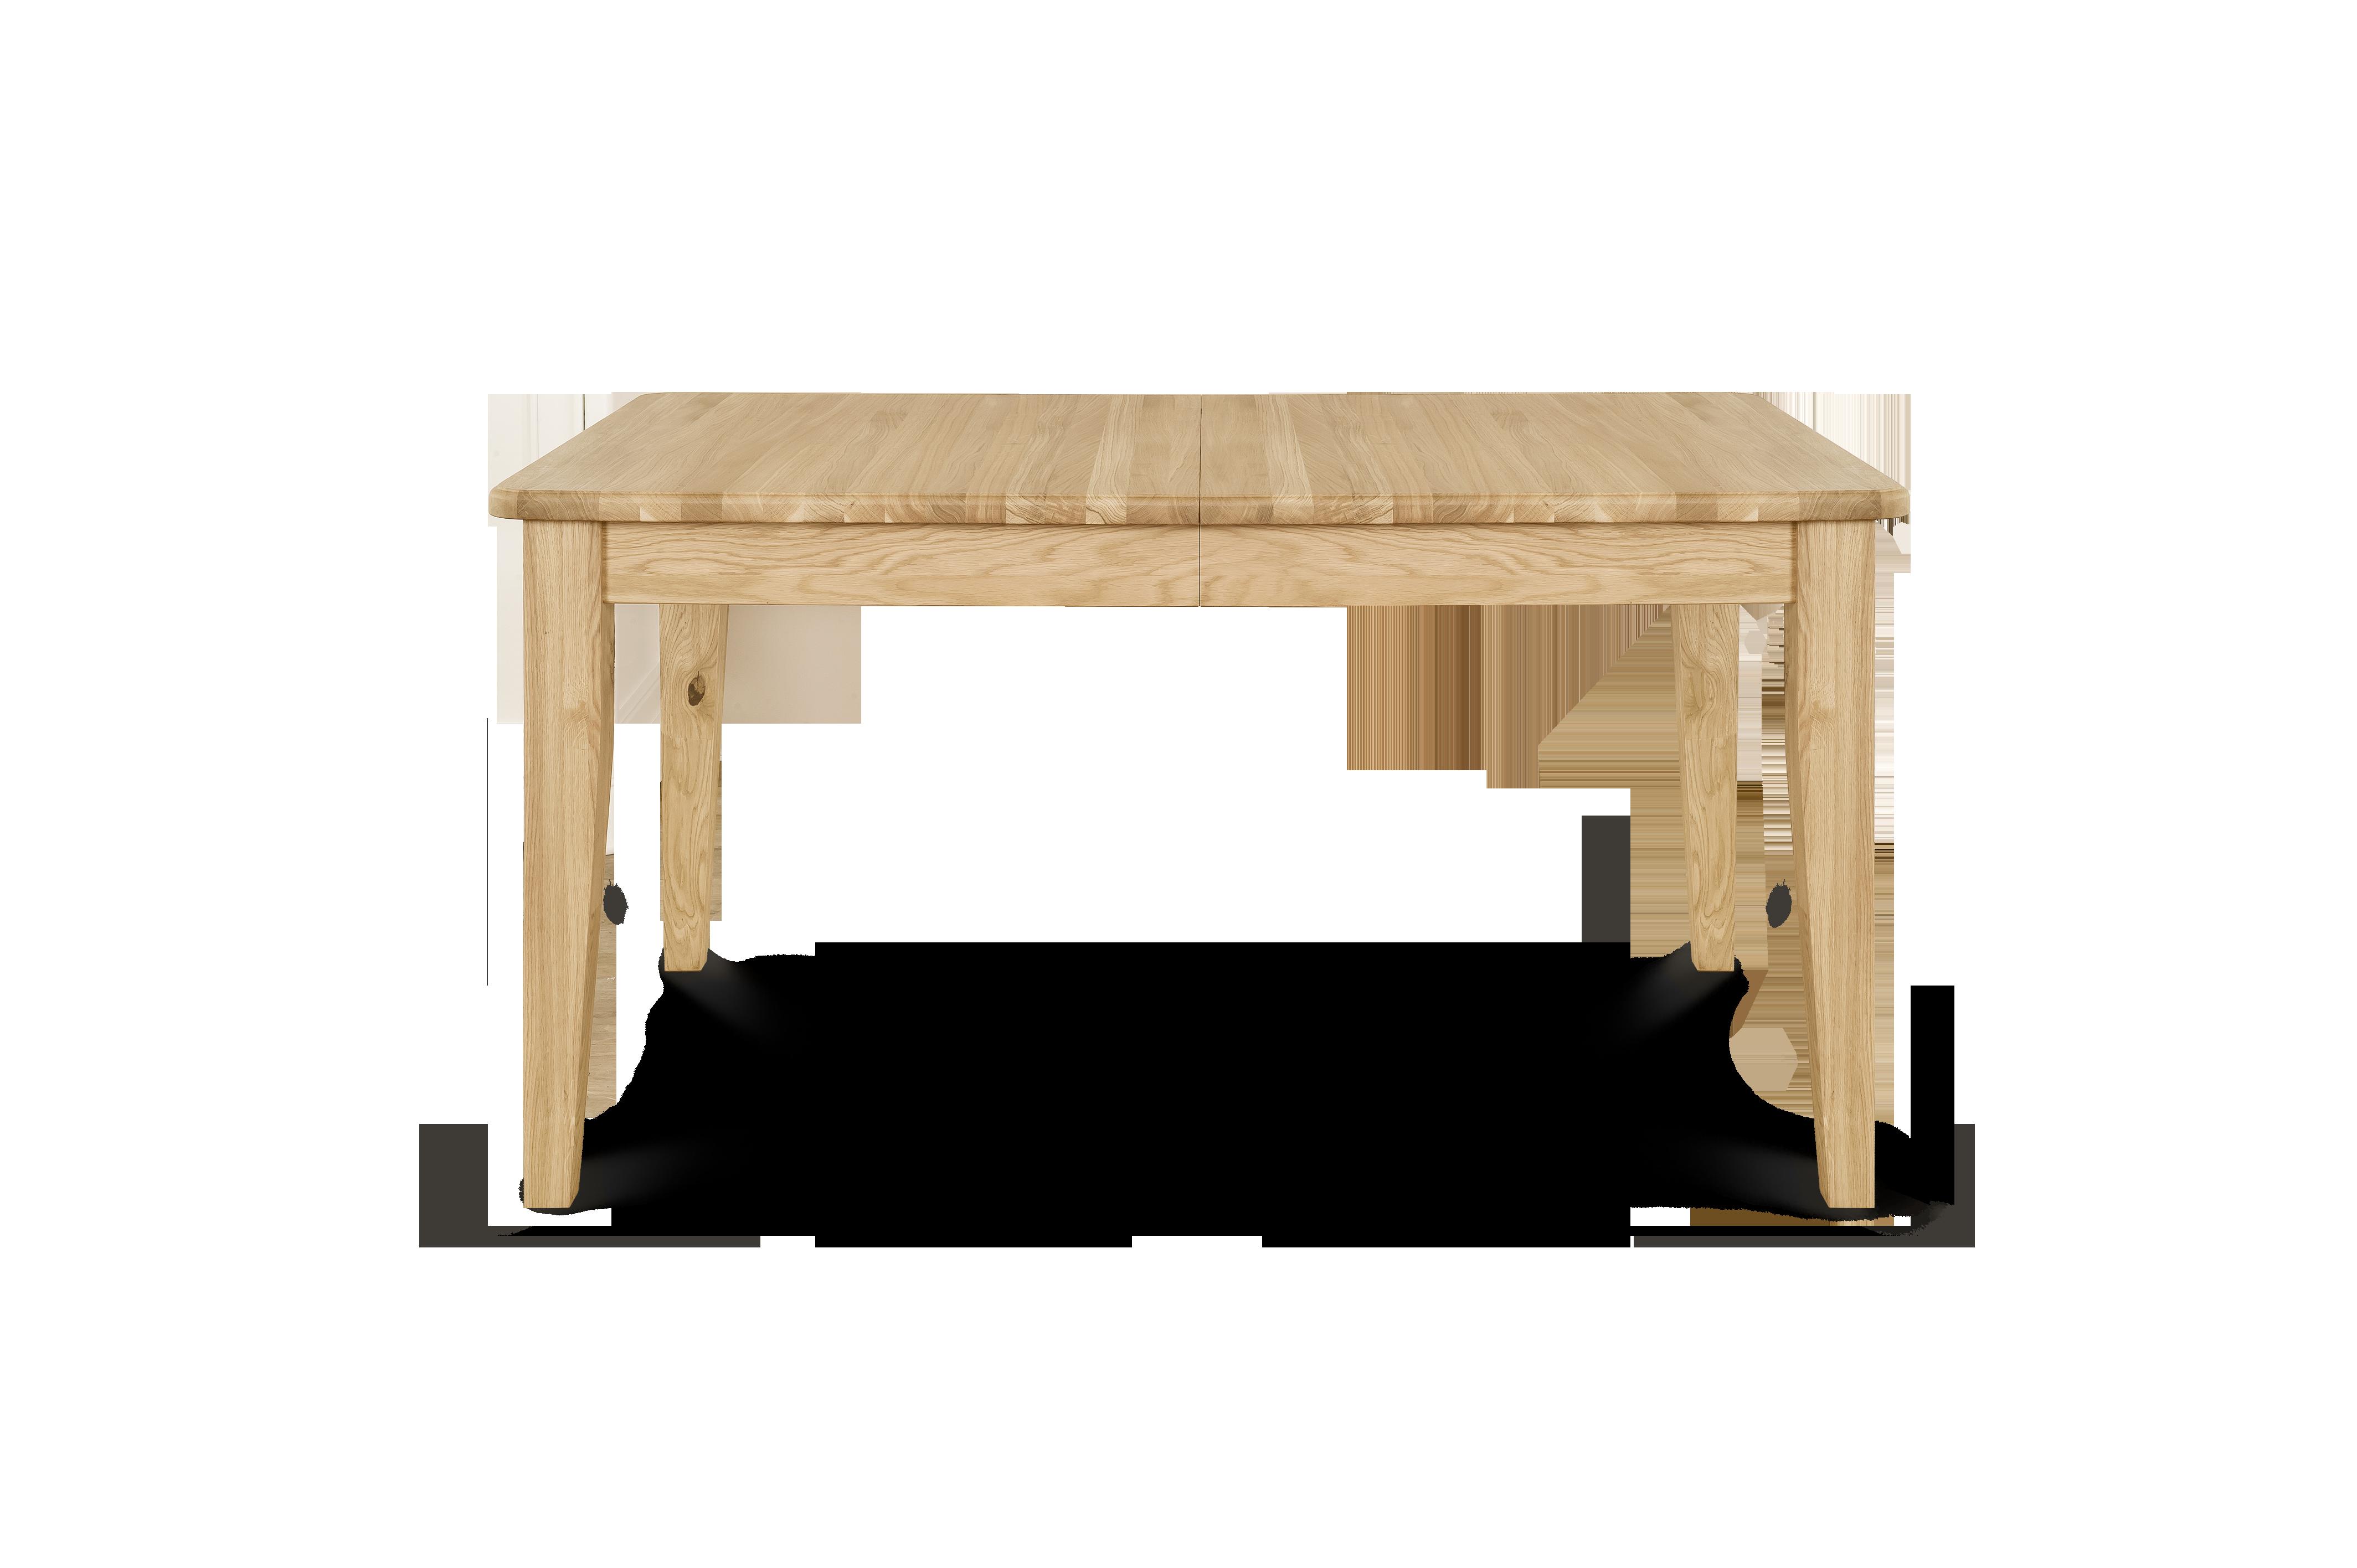 Dinning Table H 750 x W 1350 x D 800 H 750 x W 1600 x D 900 H 750 x W 1800 x D 1000 H 750 x W 1350 x D 800  +1 x 500 mm leaf H 750 x W 1600 x D 900 +2 x 500 mm leaf H 750 x W 1800 x D 1000  +2 x 500 mm leaf